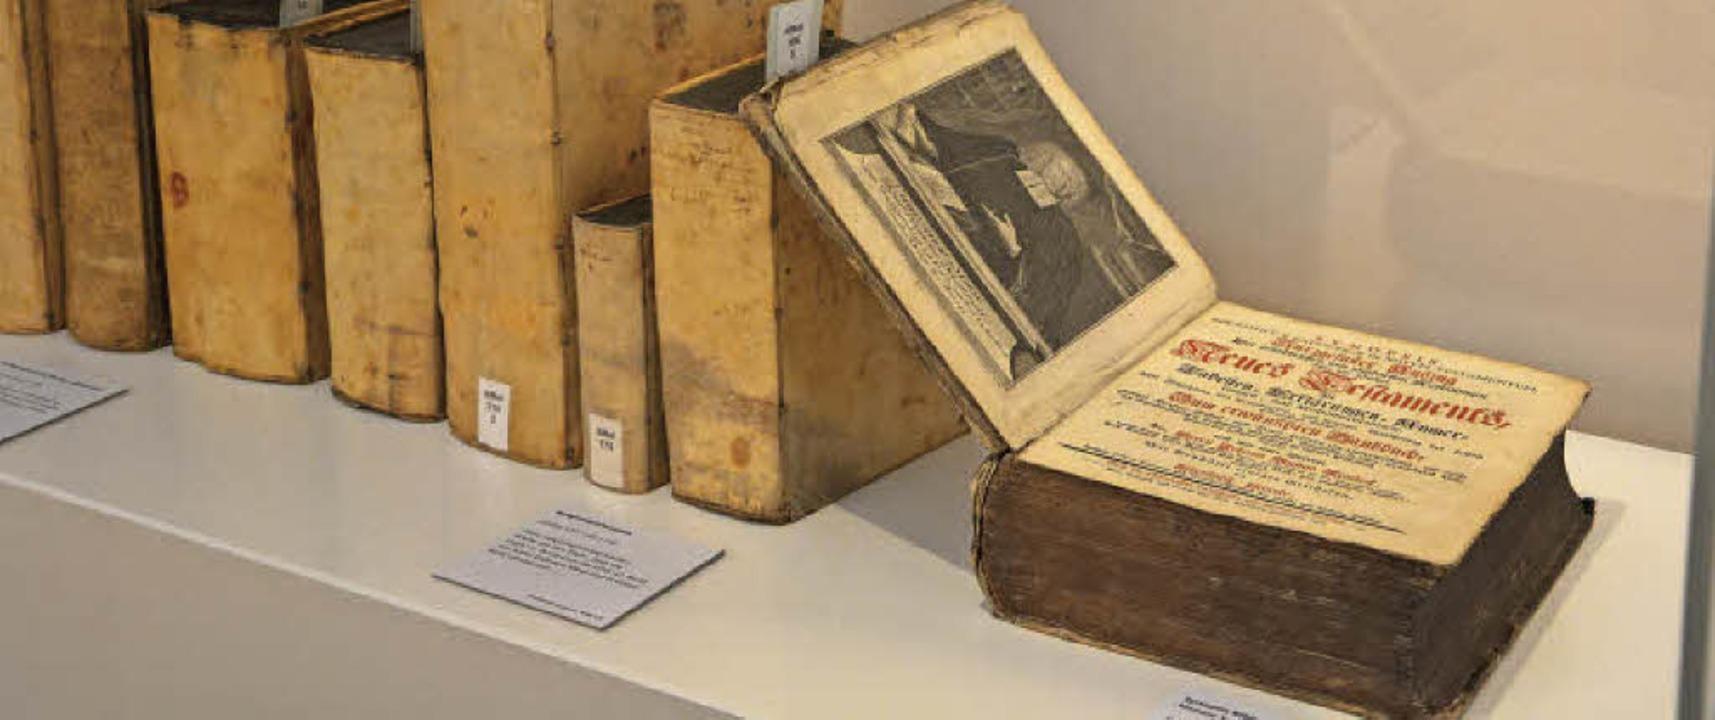 Wertvolle Schriftstücke bereichern die Ausstellung.  | Foto: Barbara Ruda